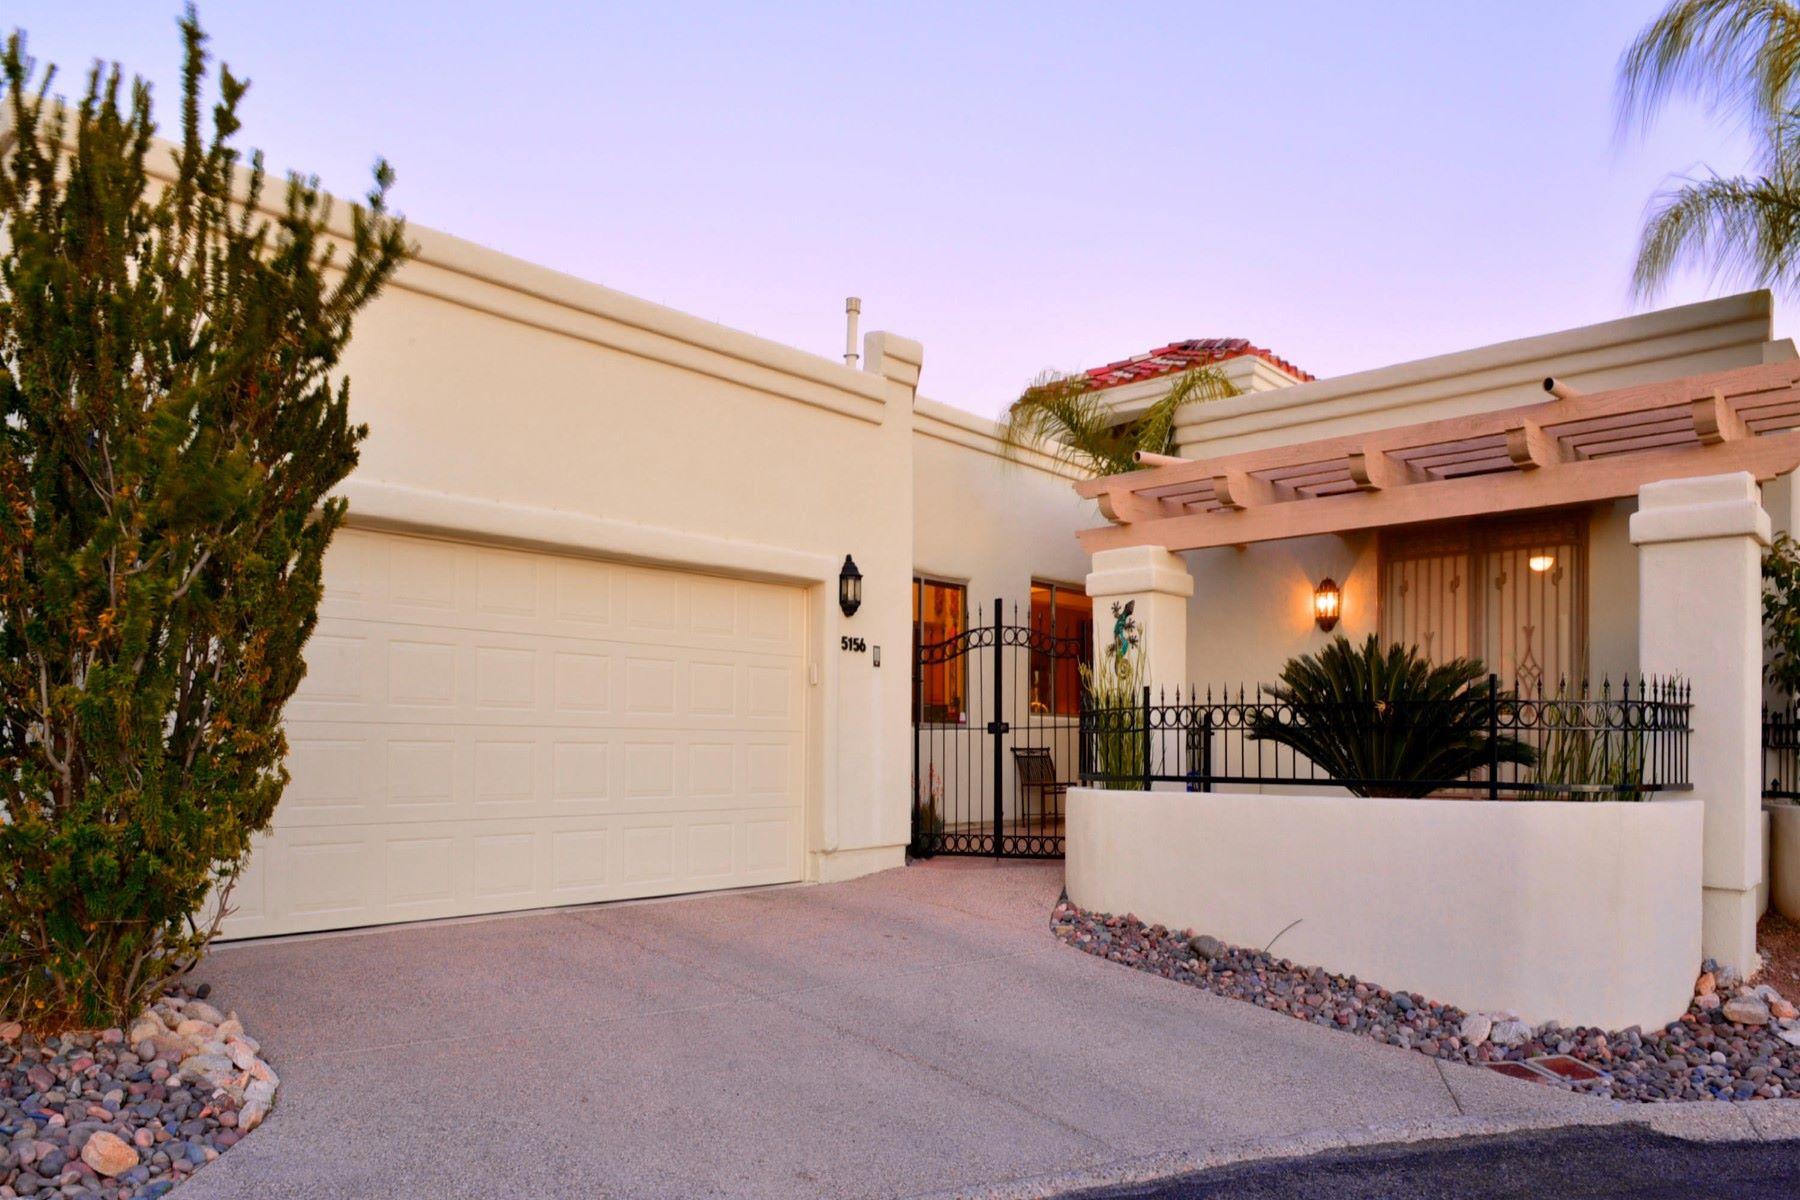 Einfamilienhaus für Verkauf beim Elegant and spacious town home 5156 E Calle Brillante Tucson, Arizona, 85718 Vereinigte Staaten